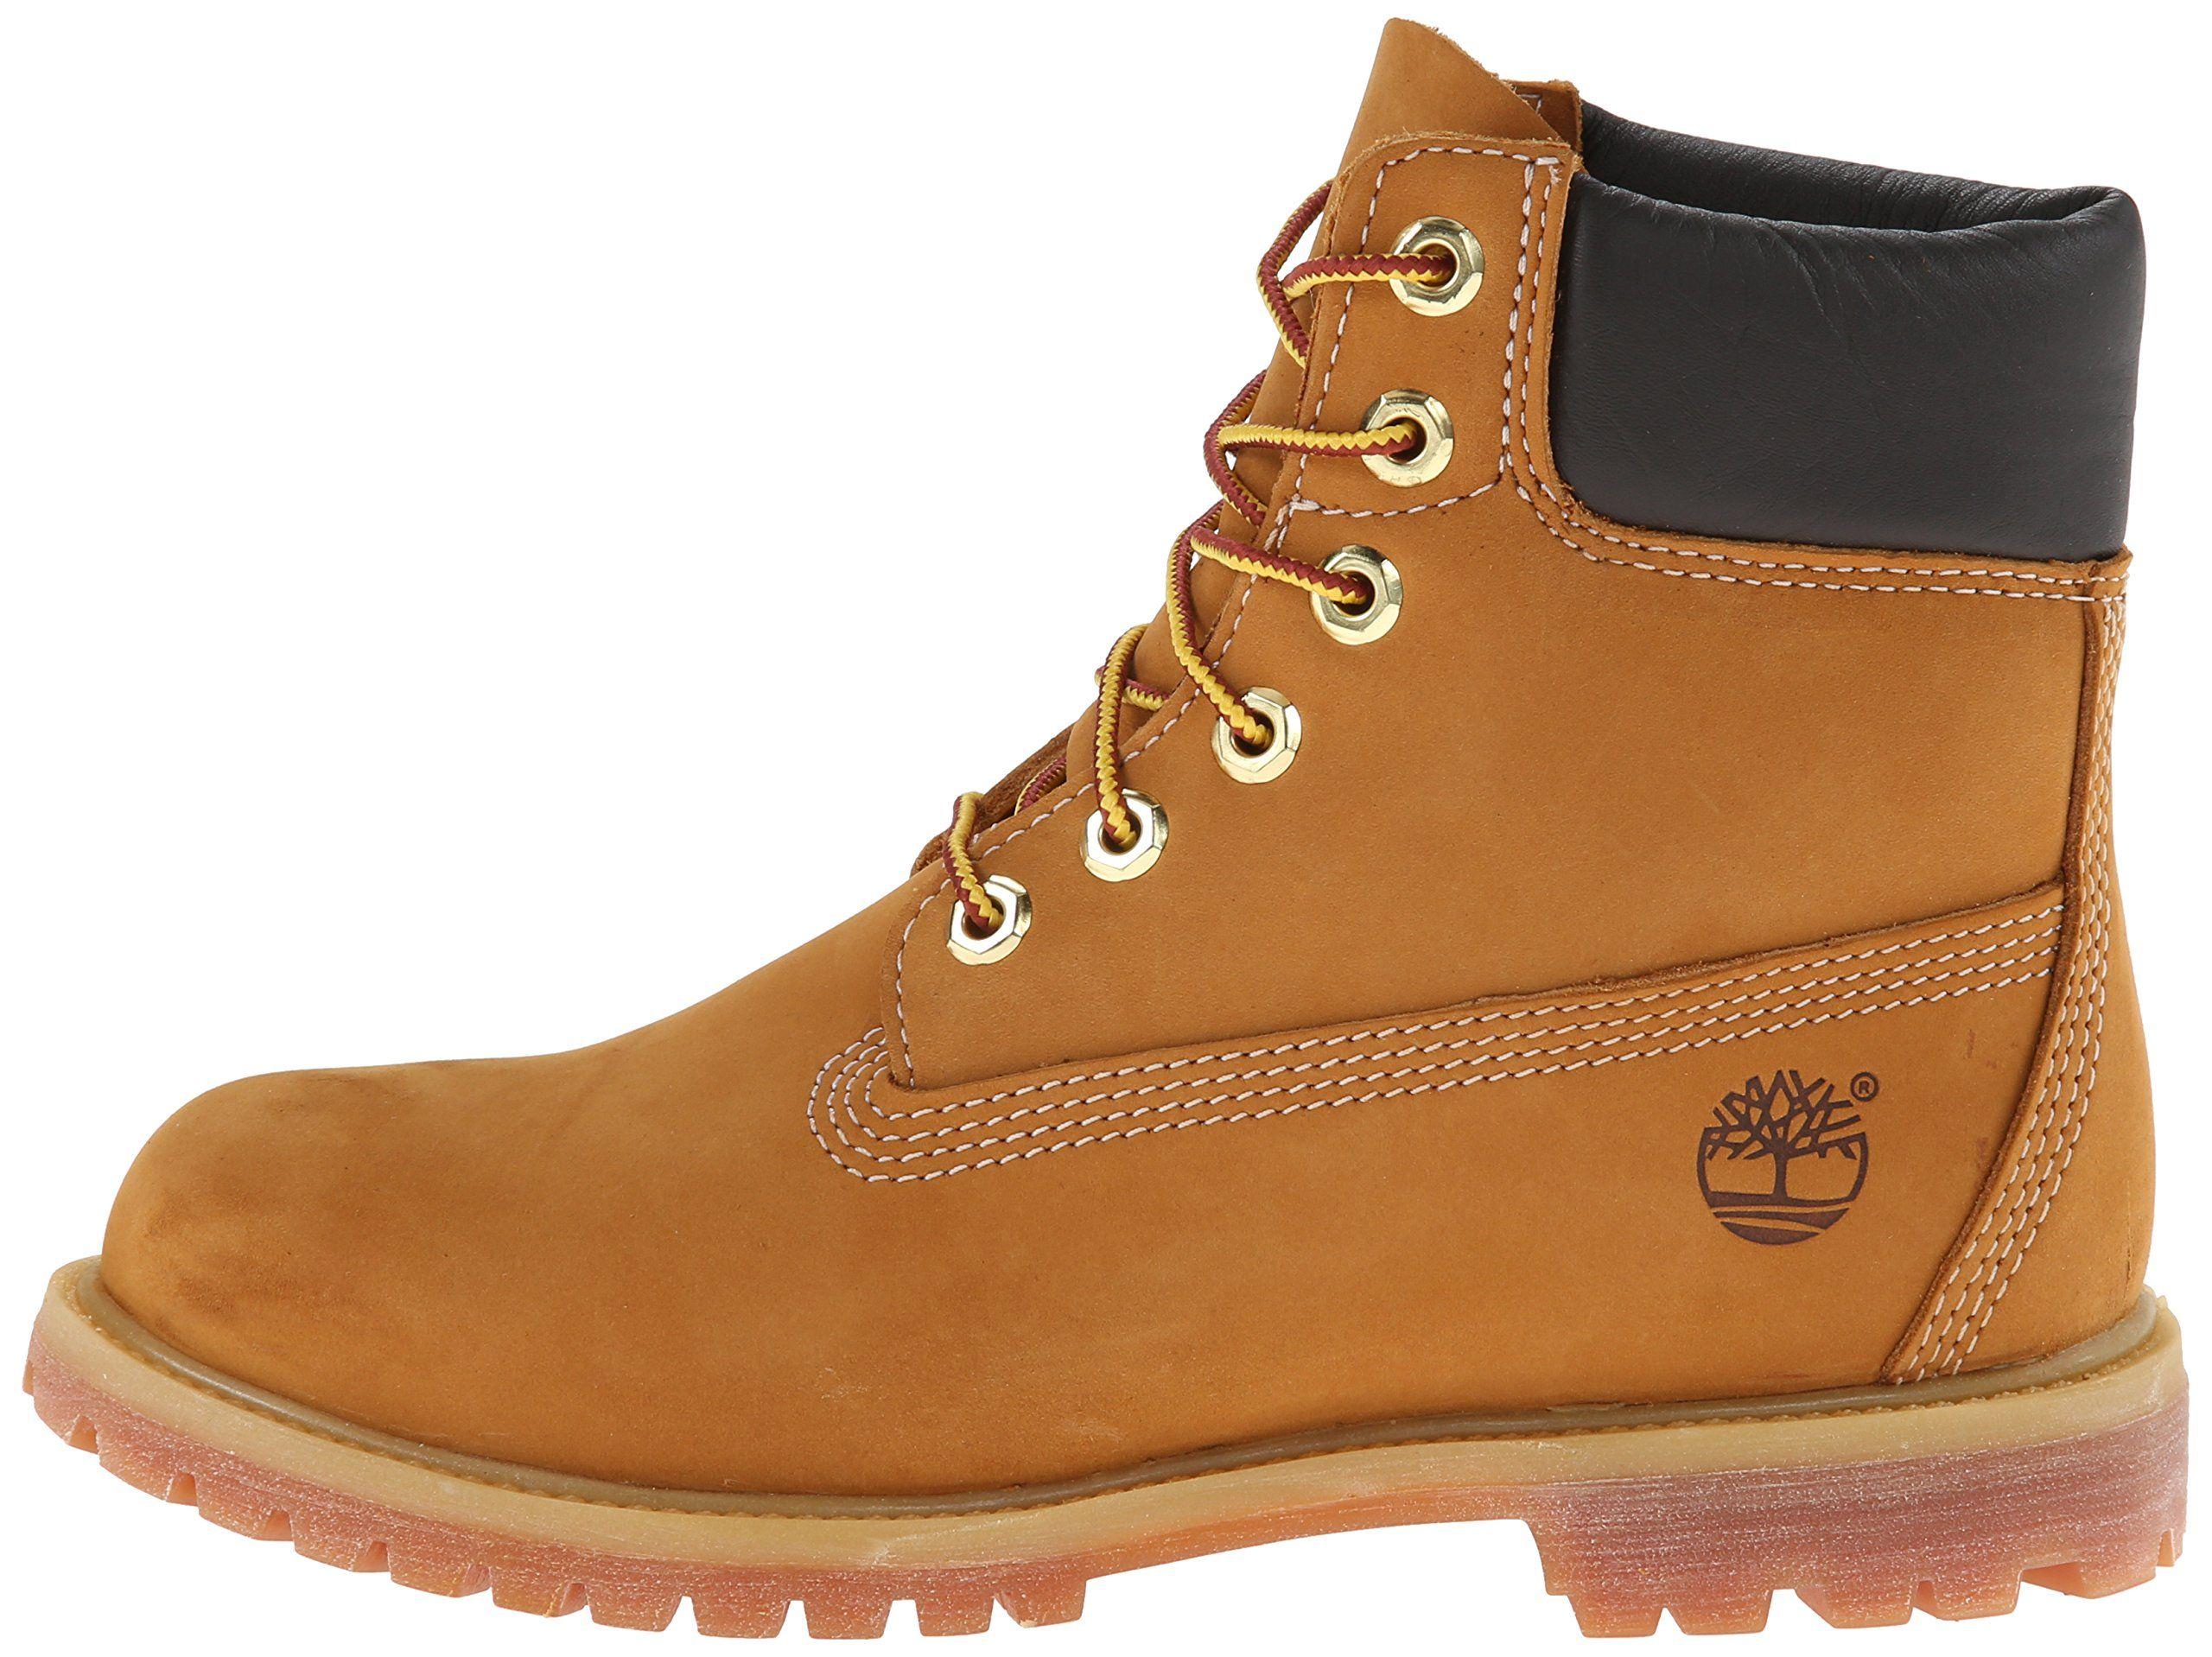 Timberland 6-Inch Premium Boot W Zapatillas marrón Envío gratis Nuevo Envío gratis Pre Order Grandes ofertas baratas en línea Venta barata Outlet barato 3TSEAt1X